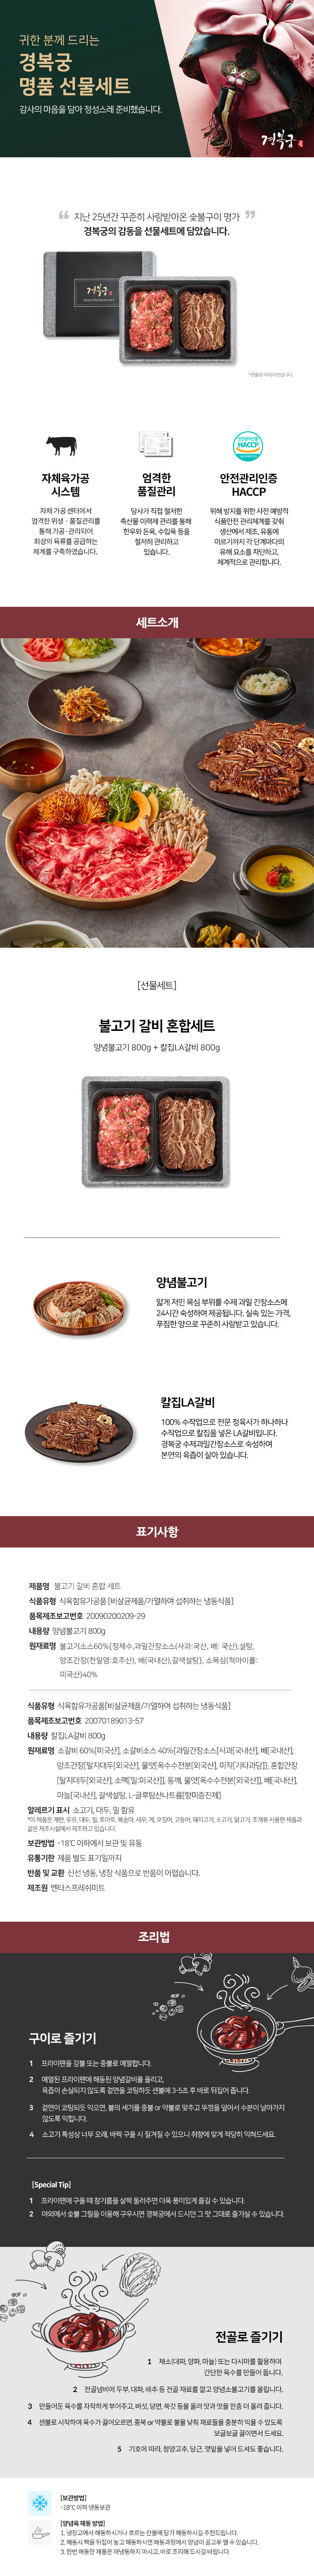 경복궁 불고기 갈비 혼합세트 1.6kg 상품설명